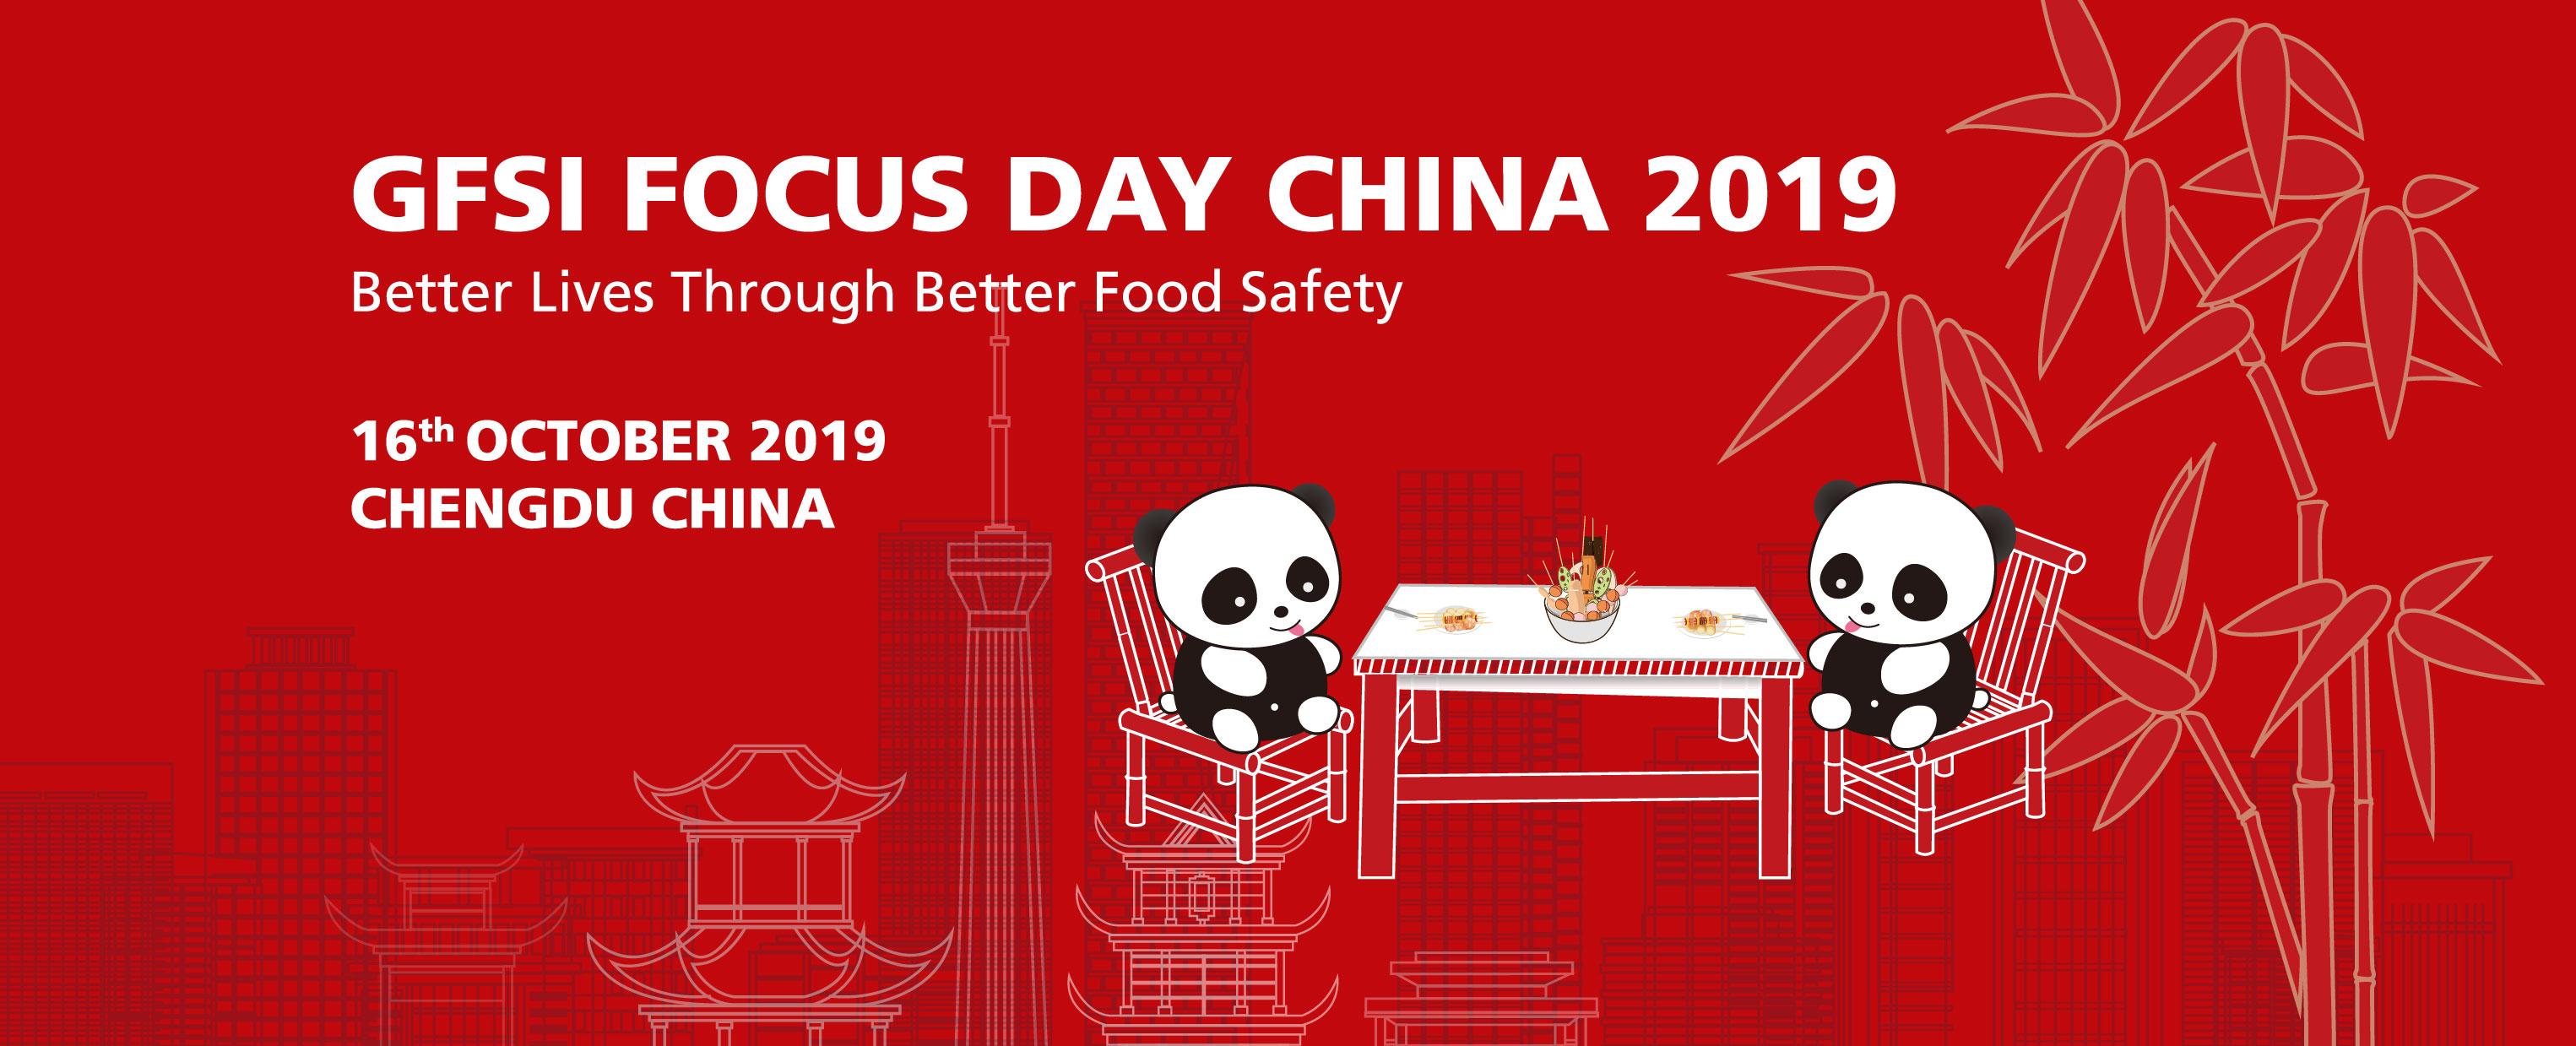 GFSI FOCUS DAY CHINA 2019